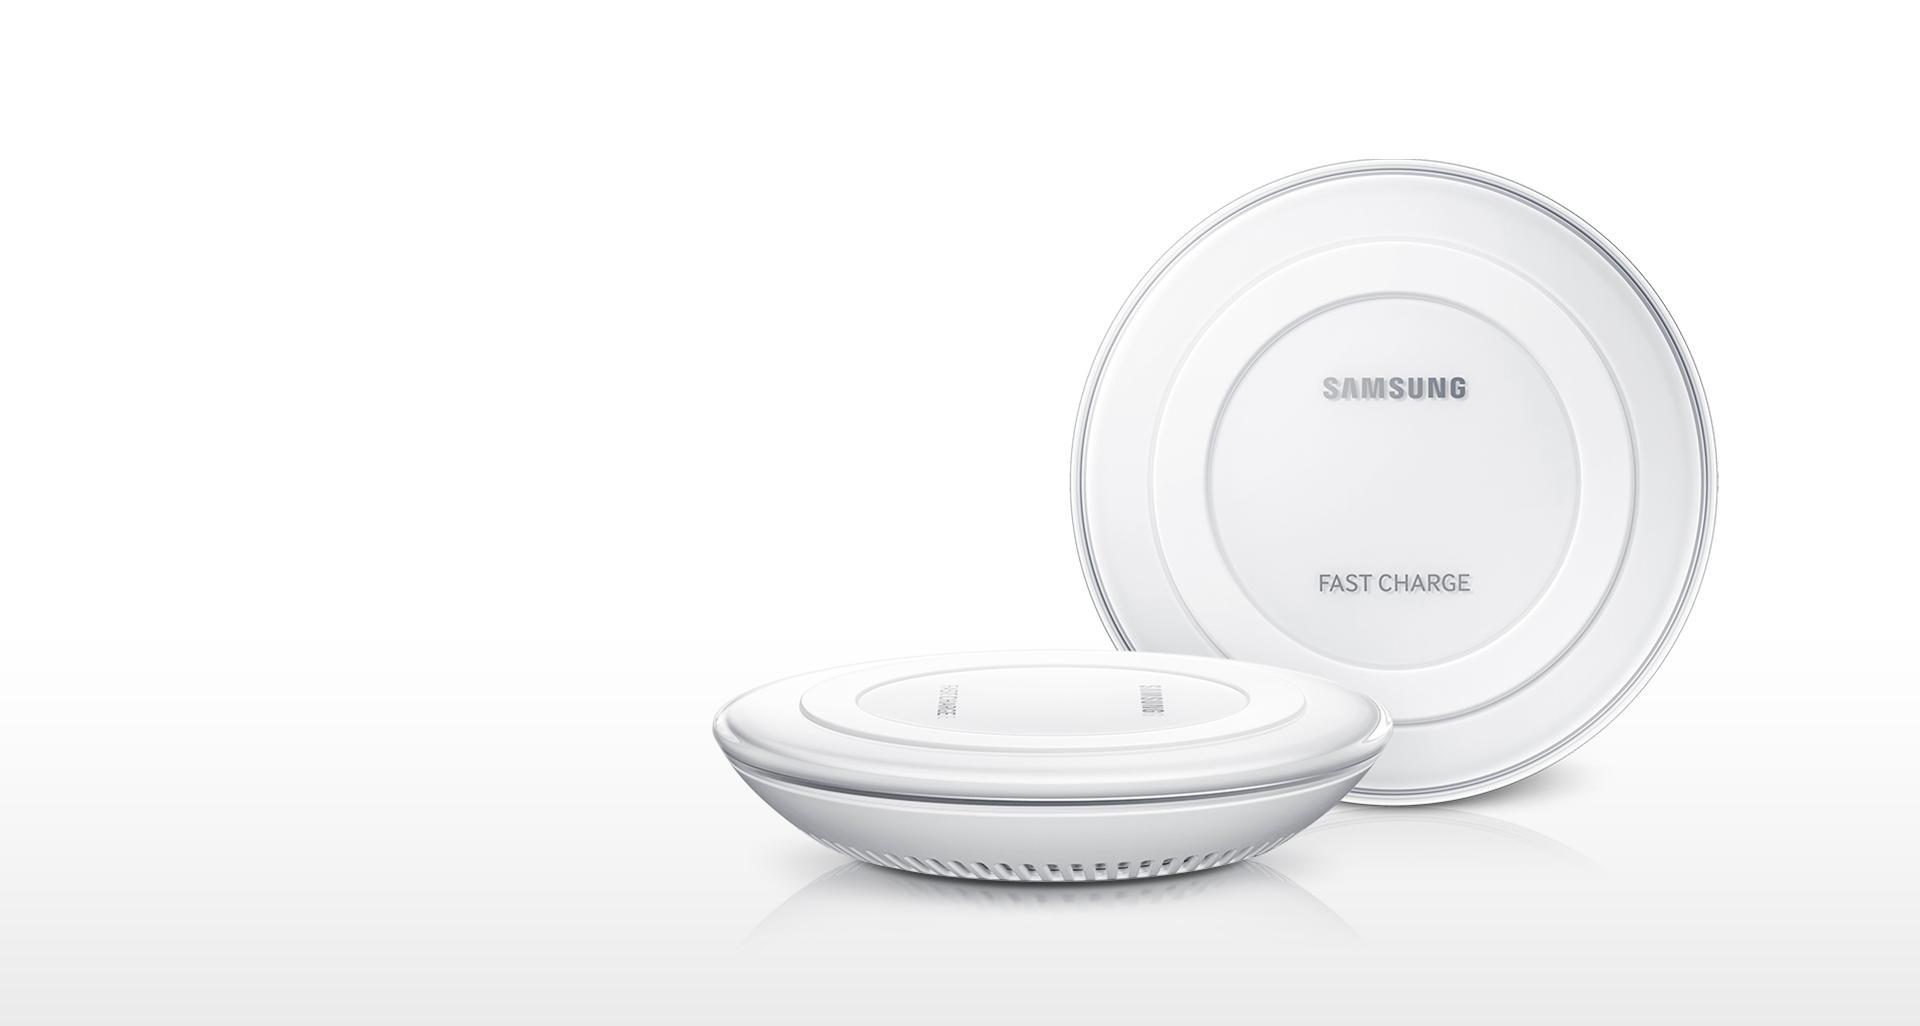 Samsung BT-EPPN920BWEGWW- Cargador rápido inalámbrico para smartphone, blanco